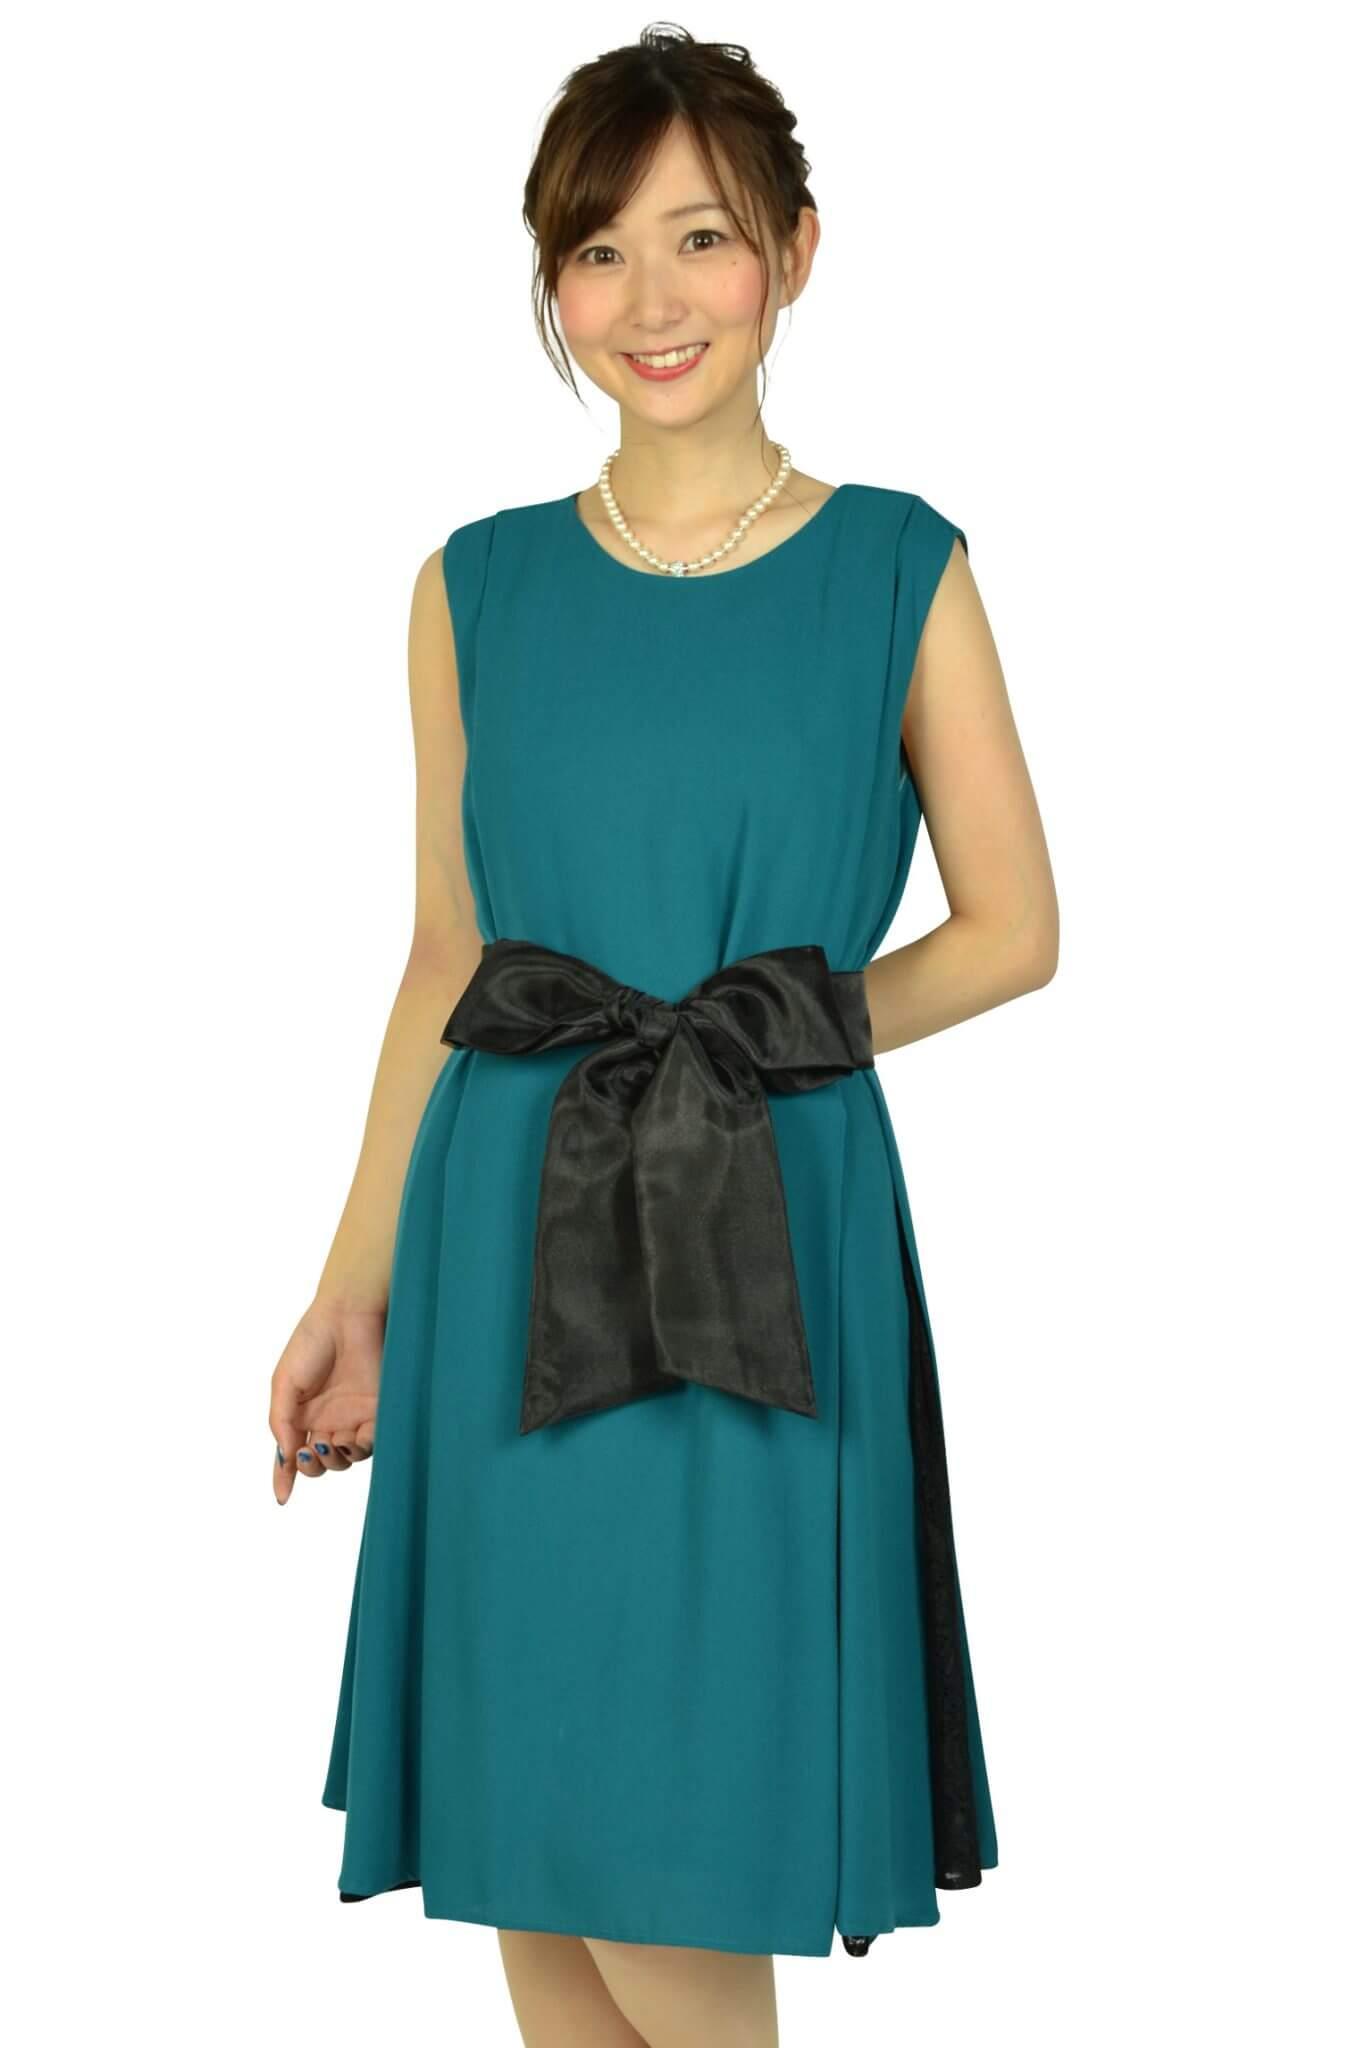 ビヲミナ (VIWOMINA)【授乳OK】ゆったりサイドレースグリーンドレス